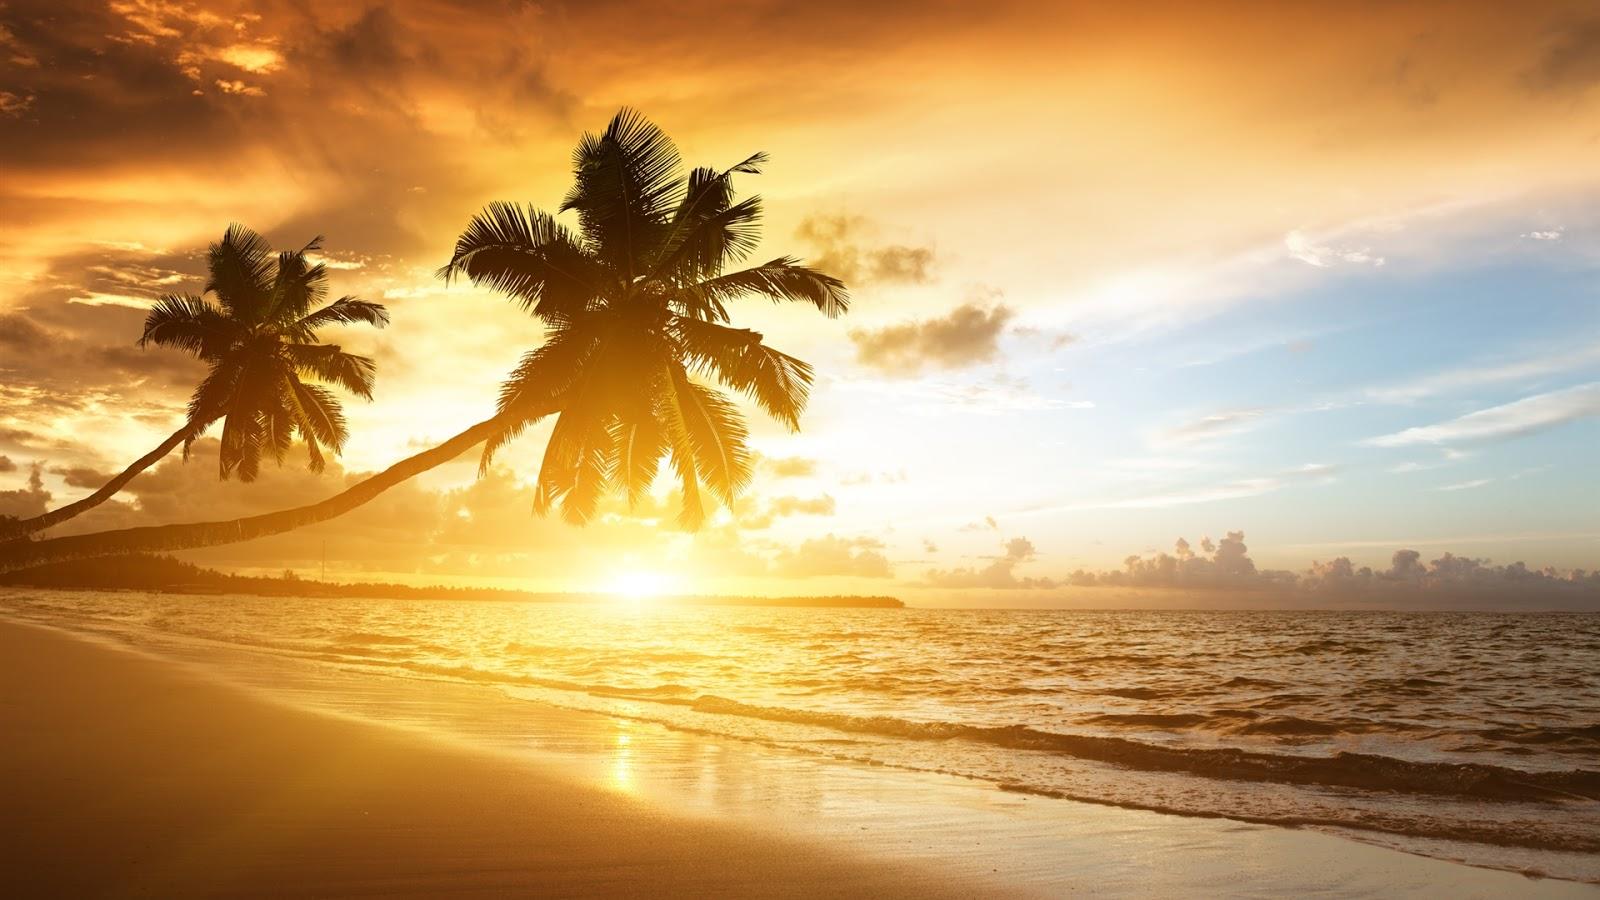 Caribbean Coast Scenery Full HD Desktop Wallpapers 1080p 1600x900